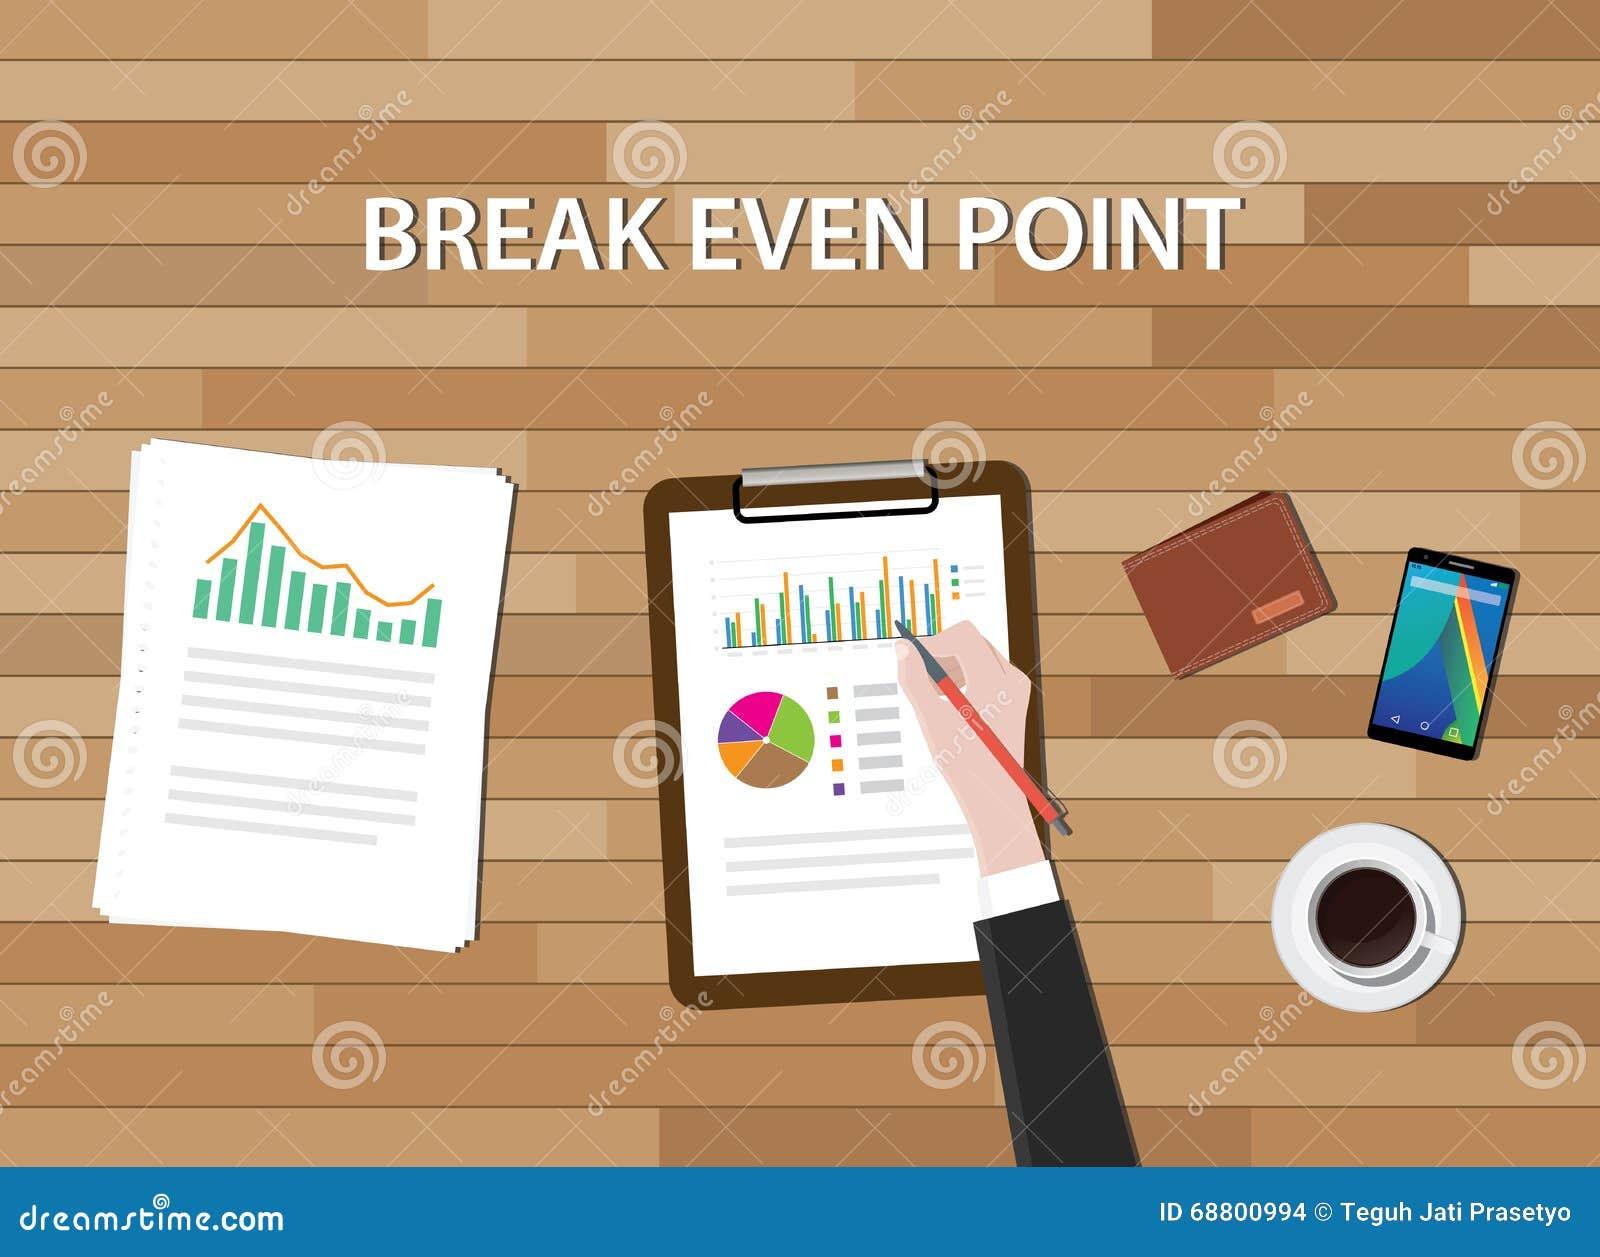 Ισορροπημένου προϋπολογισμού διάγραμμα γραφικών παραστάσεων απεικόνισης σημείου Bep και πίνακας εργασίας